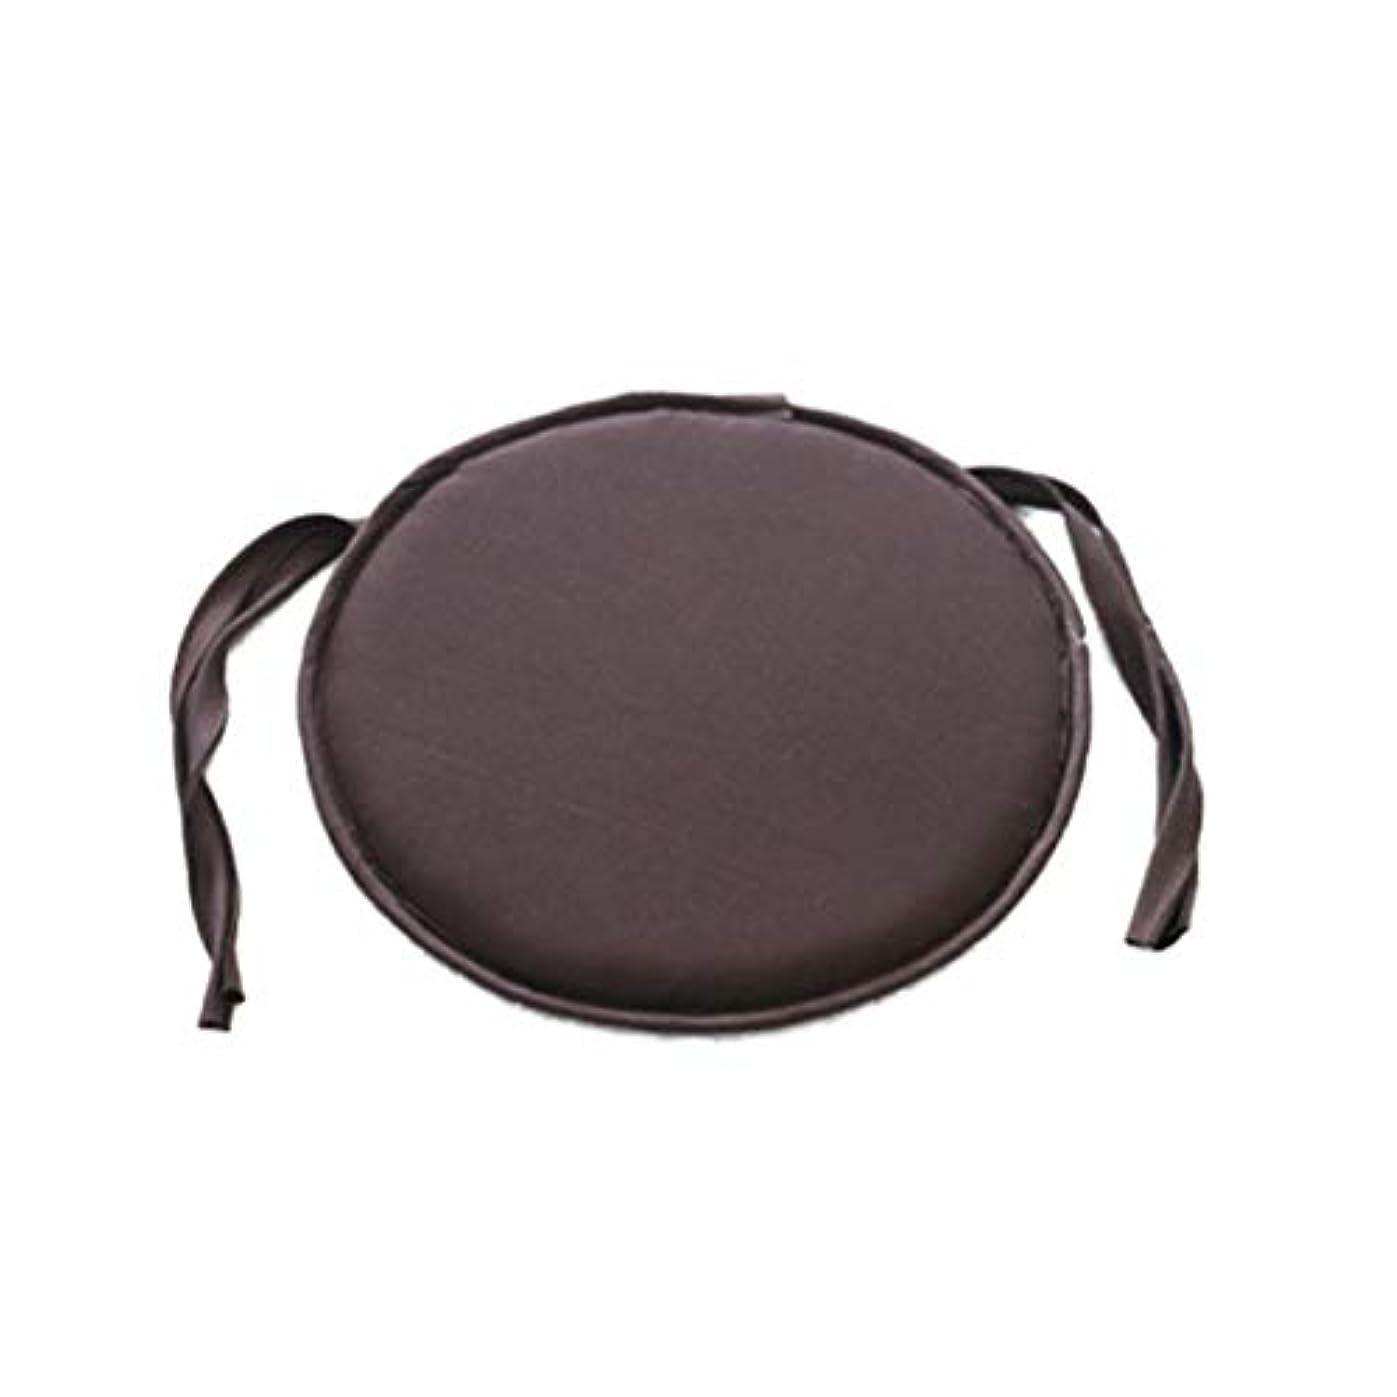 請負業者エスカレート洪水SMART ホット販売ラウンドチェアクッション屋内ポップパティオオフィスチェアシートパッドネクタイスクエアガーデンキッチンダイニングクッション クッション 椅子